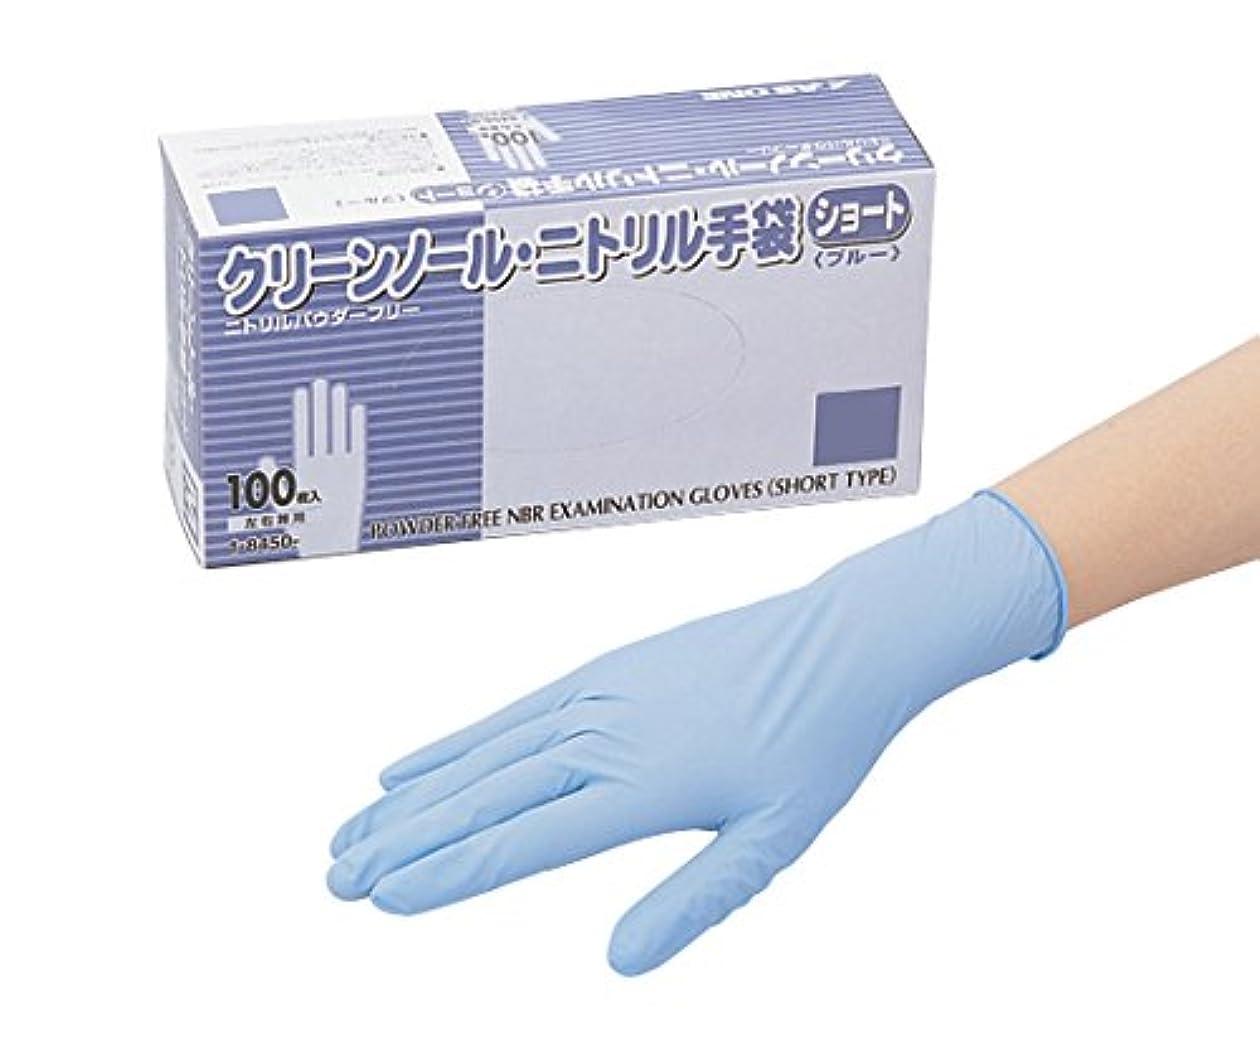 調査ドル四分円アズワン1-8450-22クリーンノールニトリル手袋ショート(パウダーフリ-)ブルーM100枚入